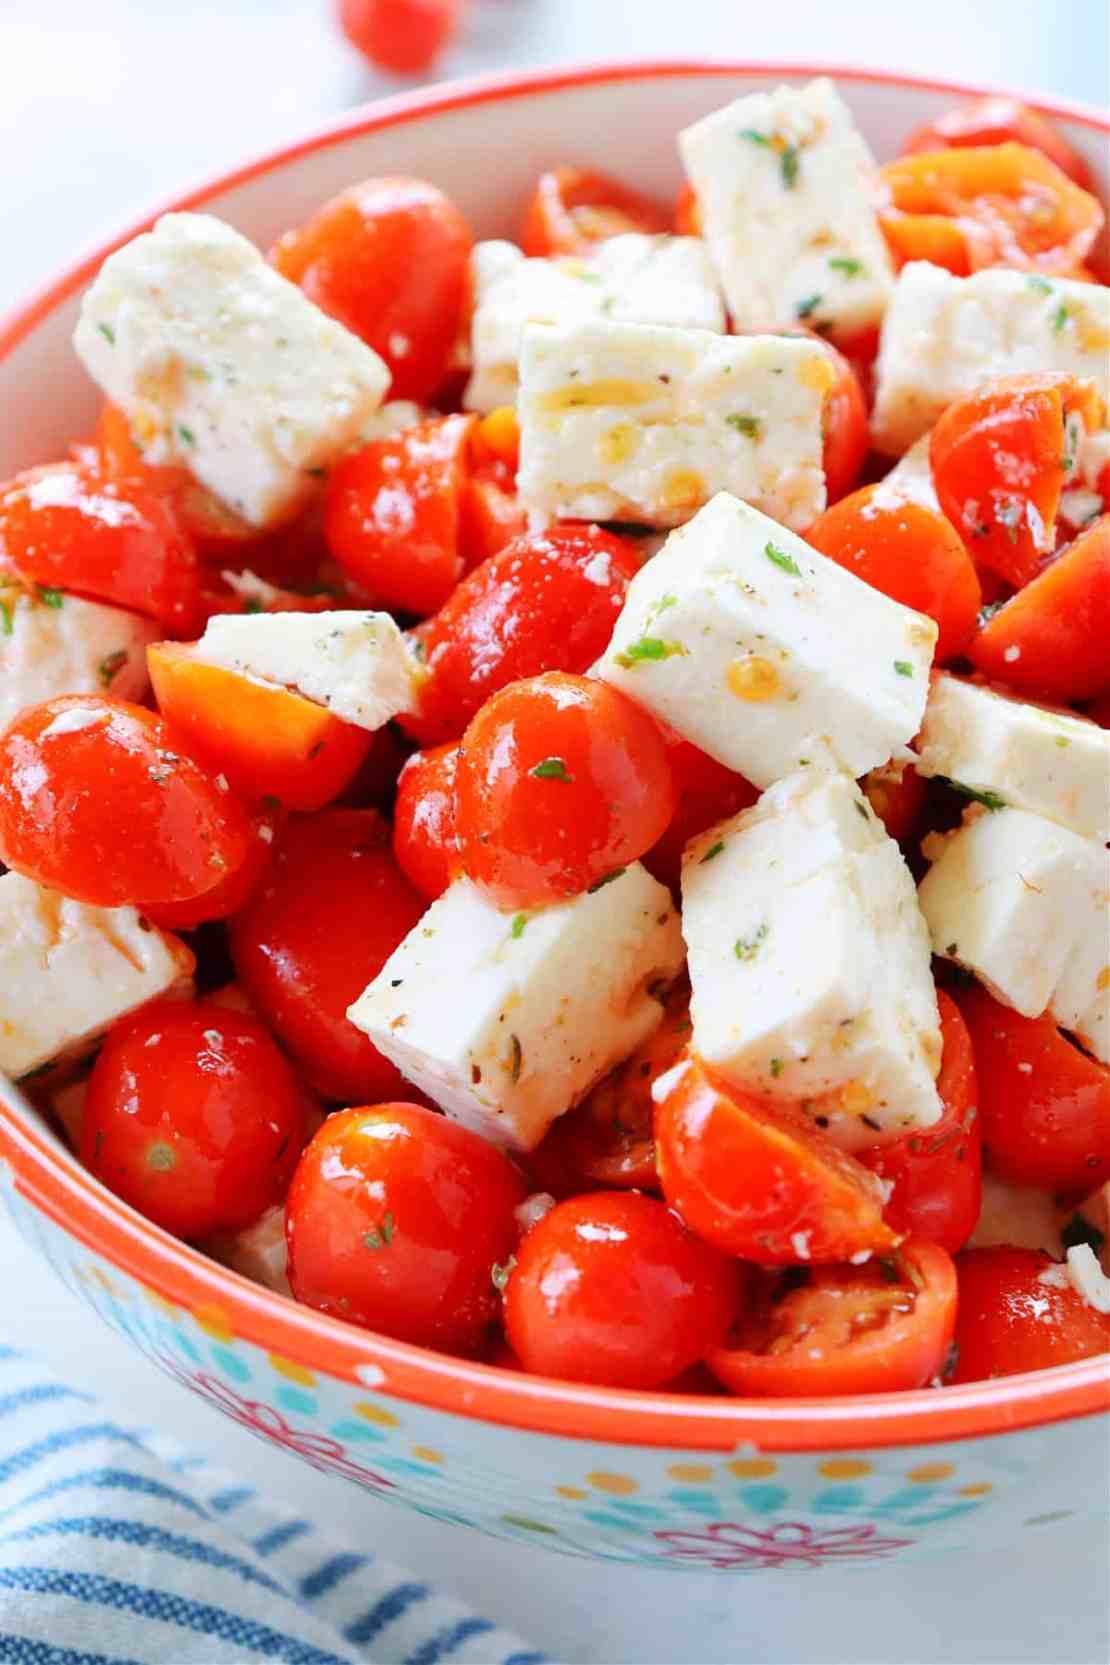 tomato feta salad 2 Tomato Feta Salad